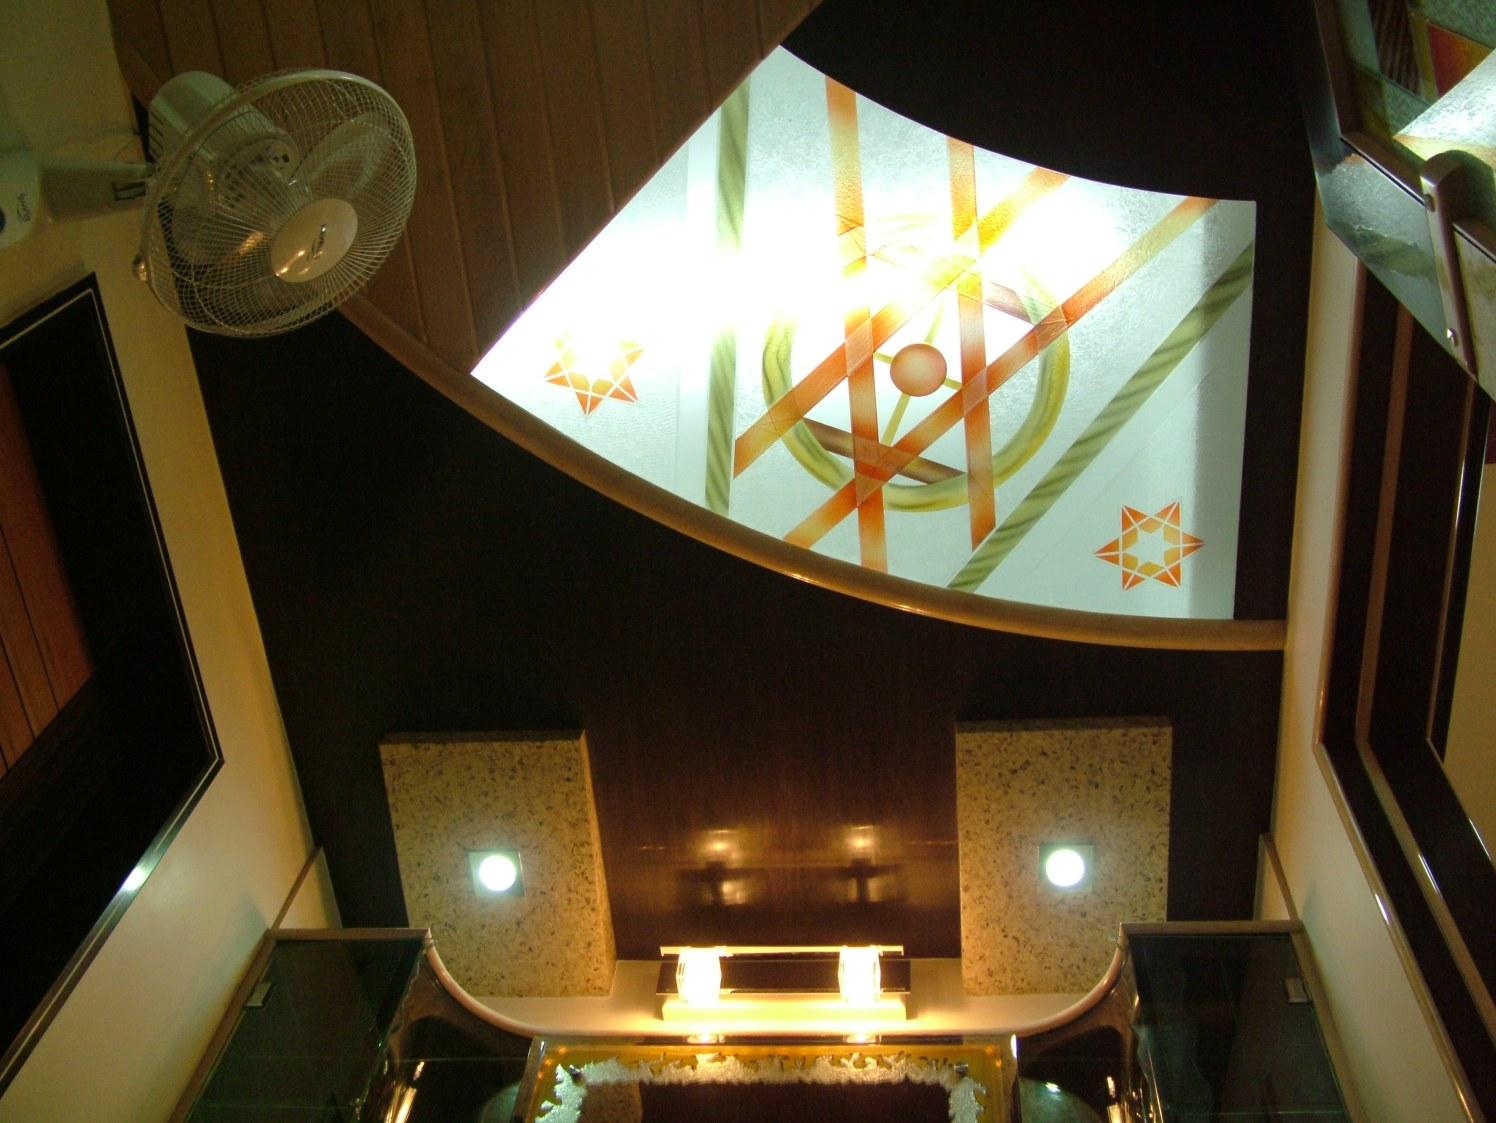 Contemporary Living Room Ceiling by Bhavin Shah Modern Contemporary | Interior Design Photos & Ideas